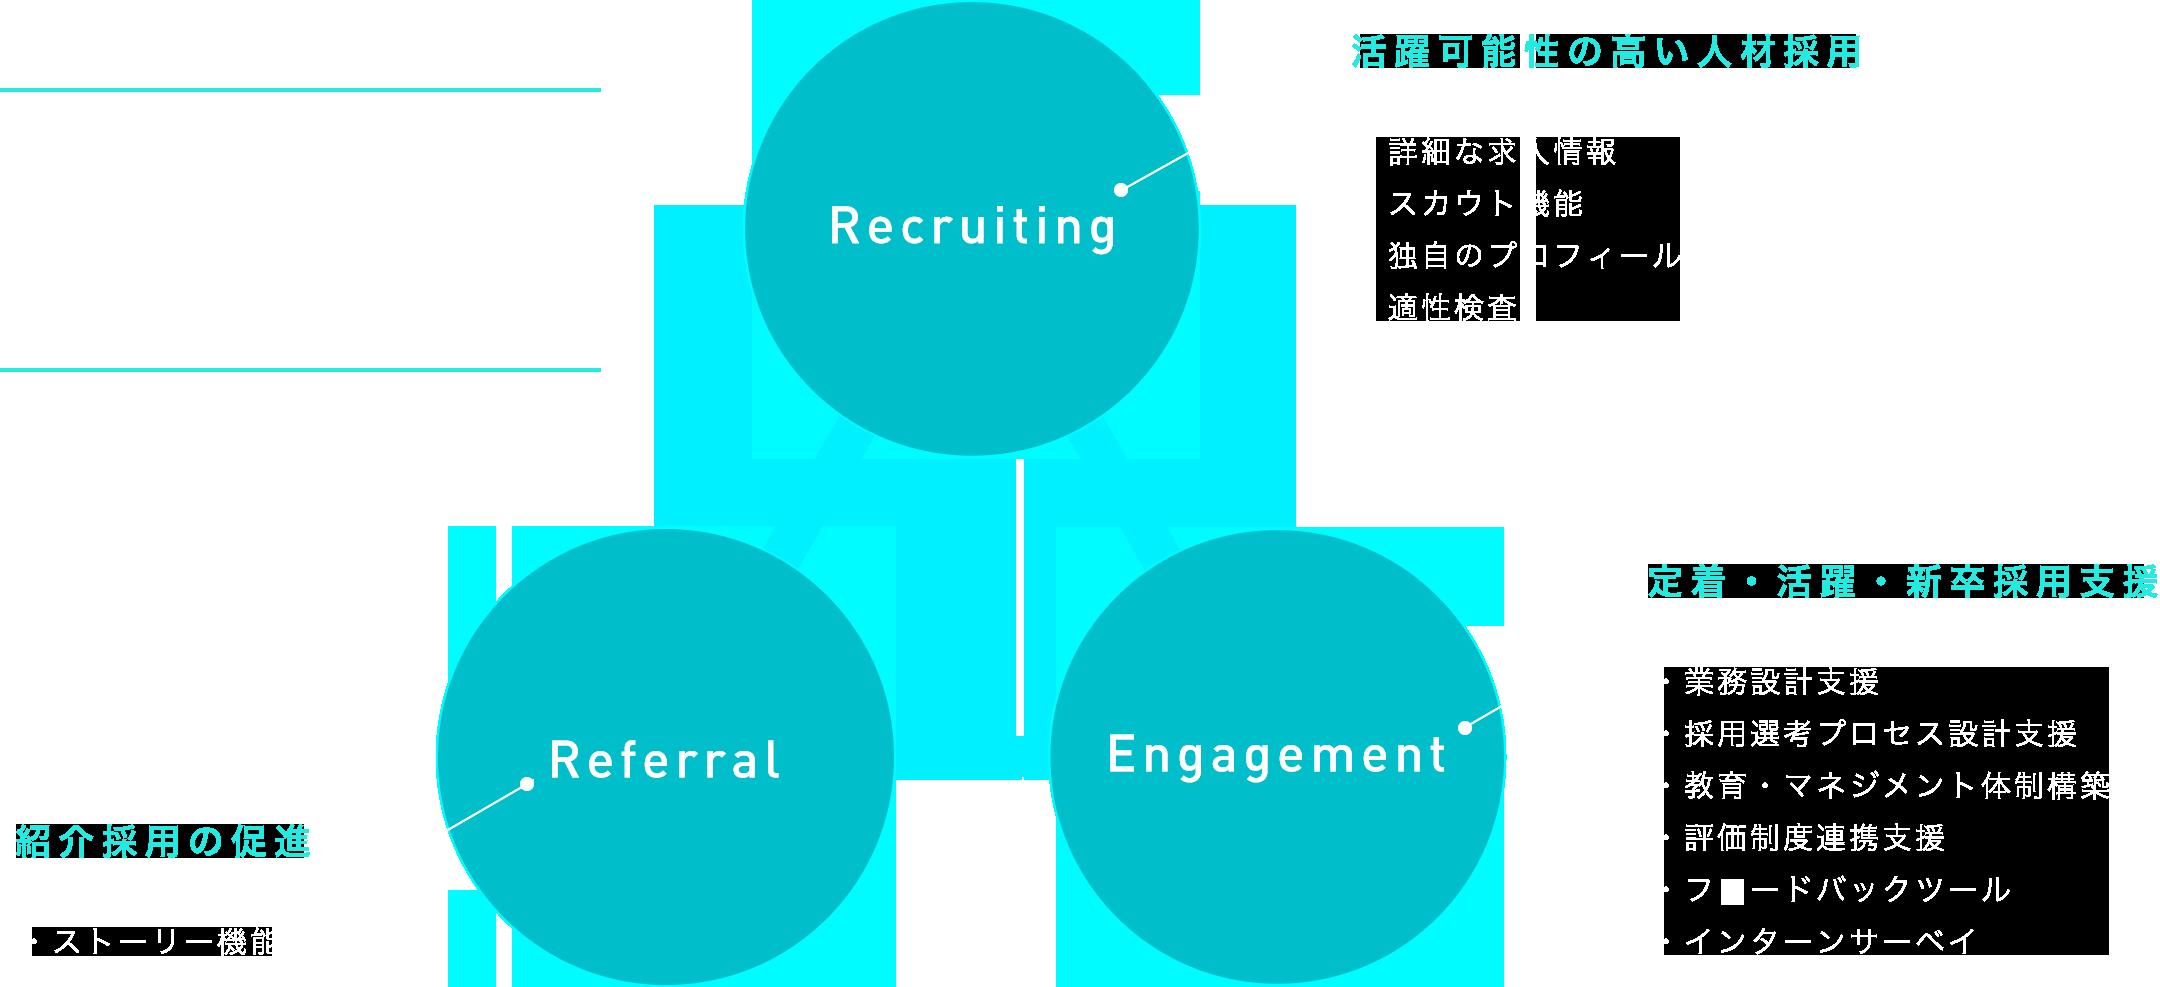 活躍可能性の高い人材採用 | 紹介採用の促進 | 定着・活躍・新卒採用支援